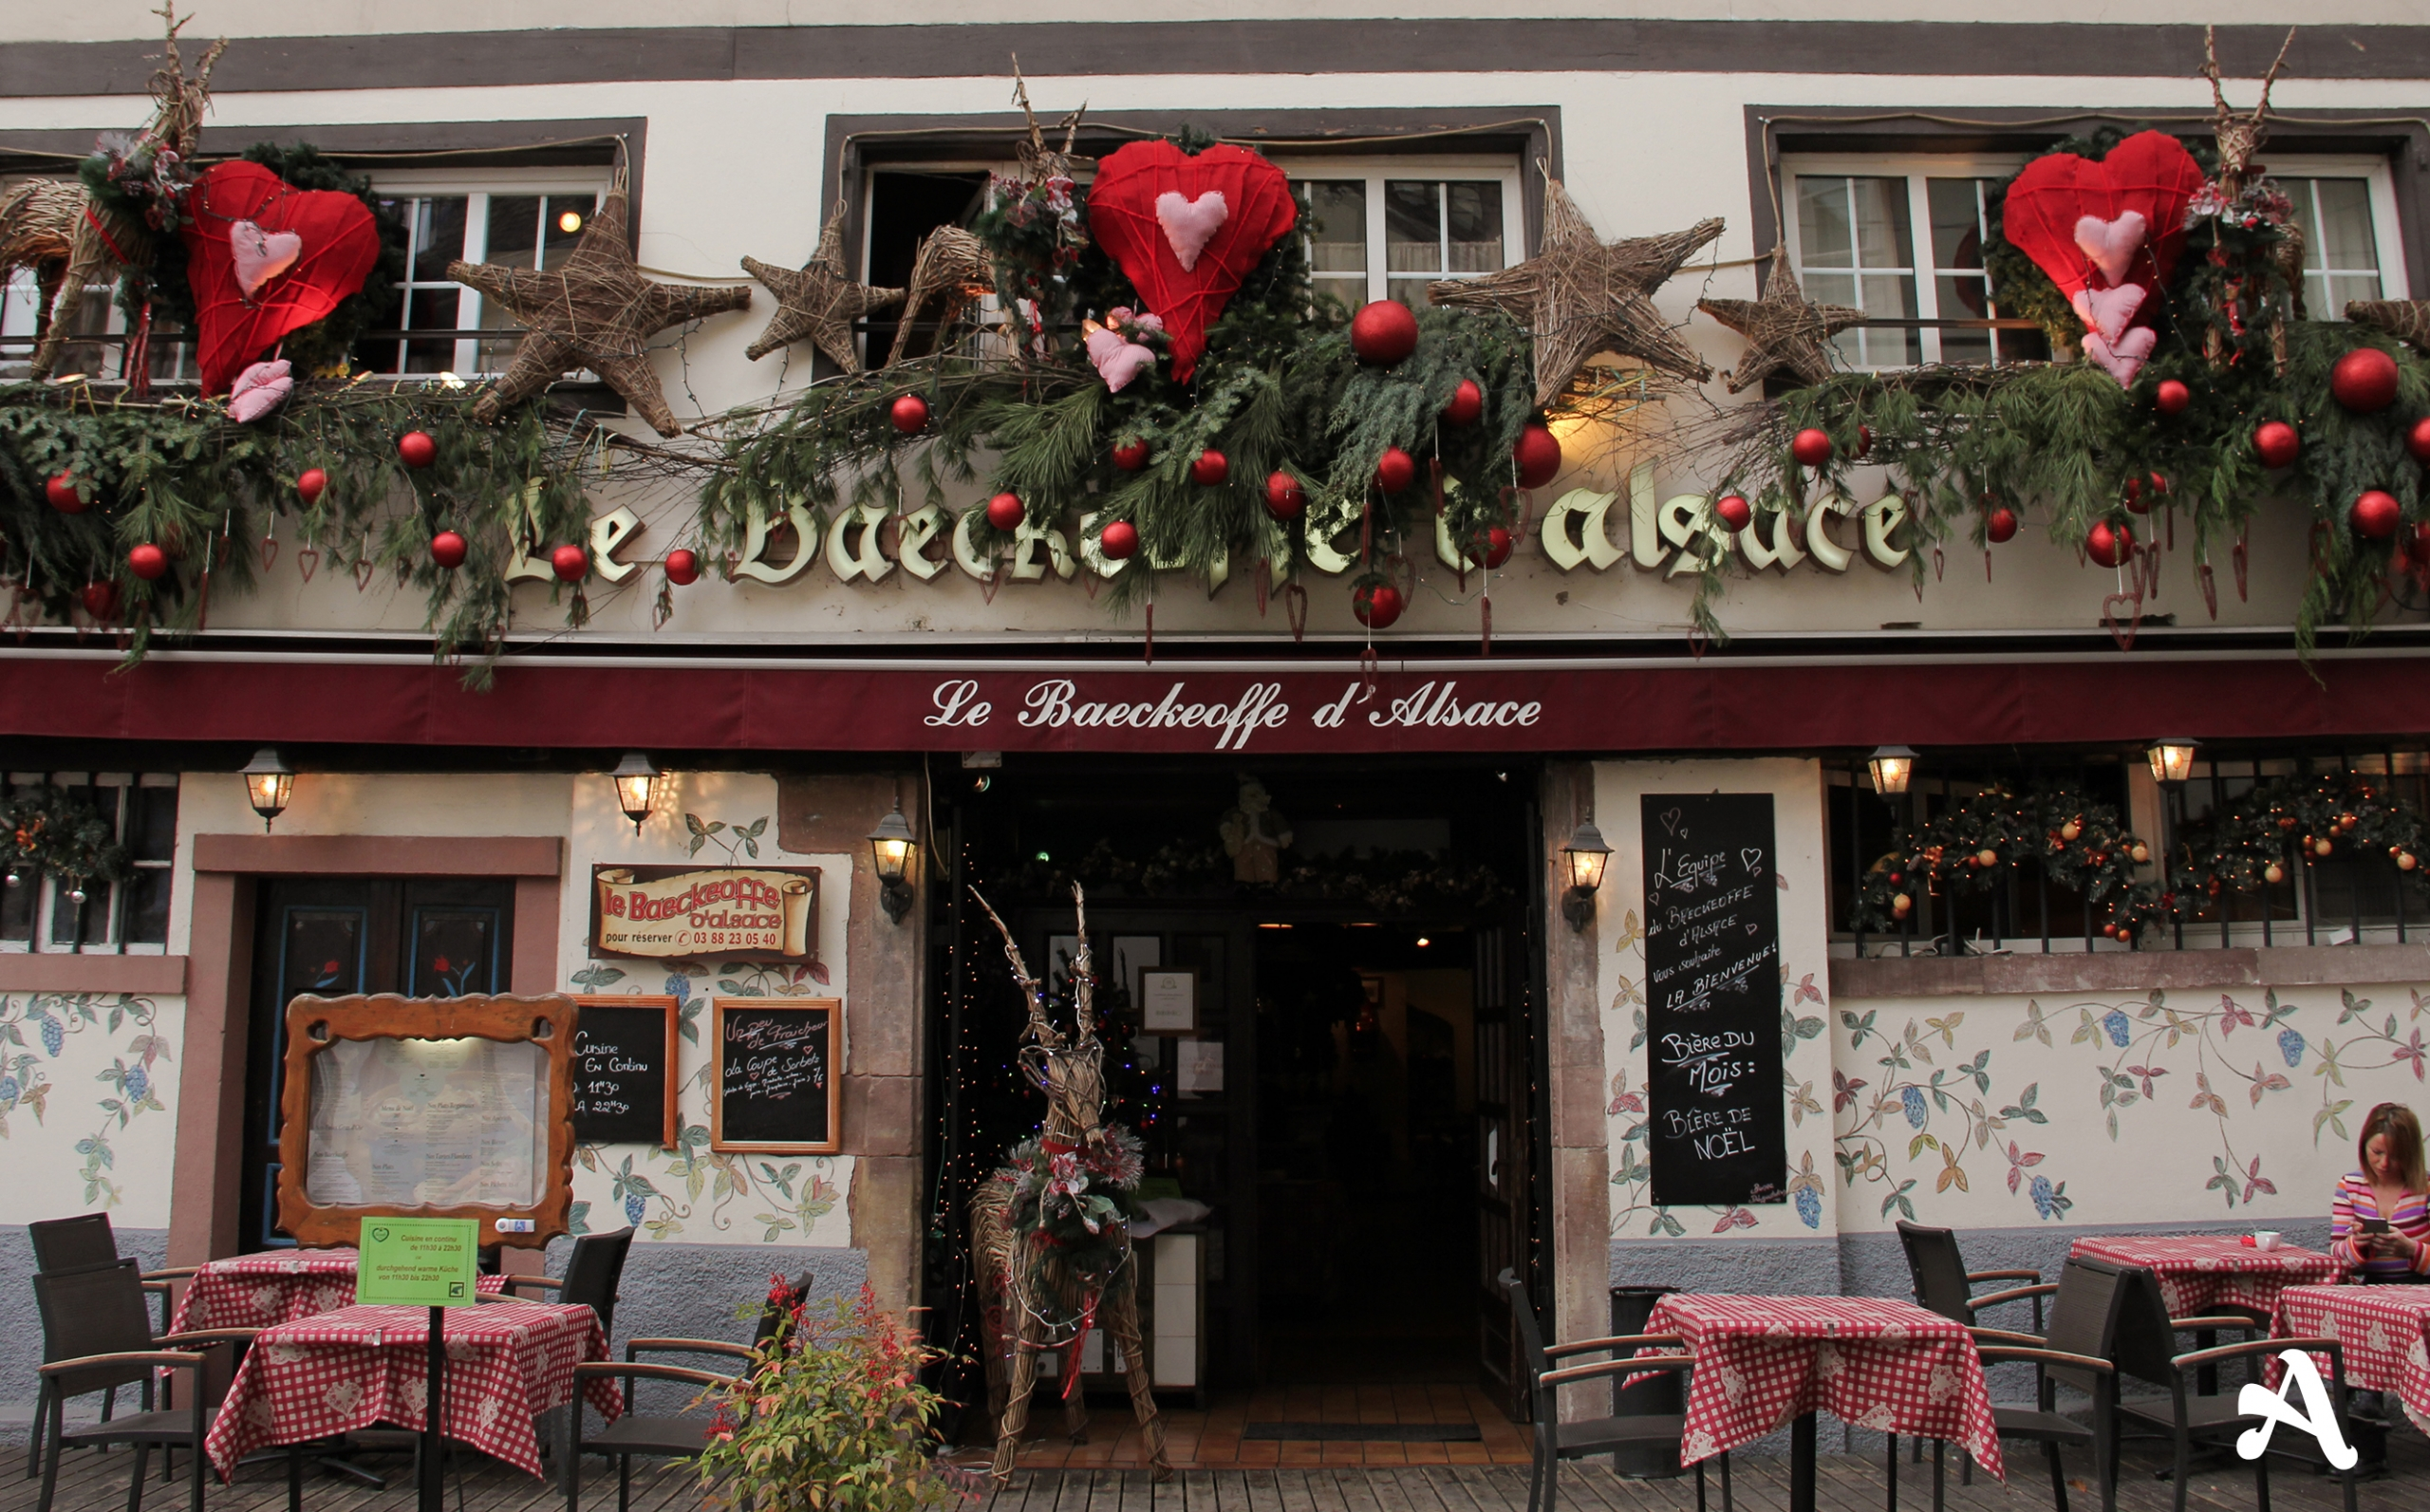 #AB2029 Strasbourg Et Son Marché De Noël Awwway 5517 décorations de noel strasbourg 2654x1652 px @ aertt.com